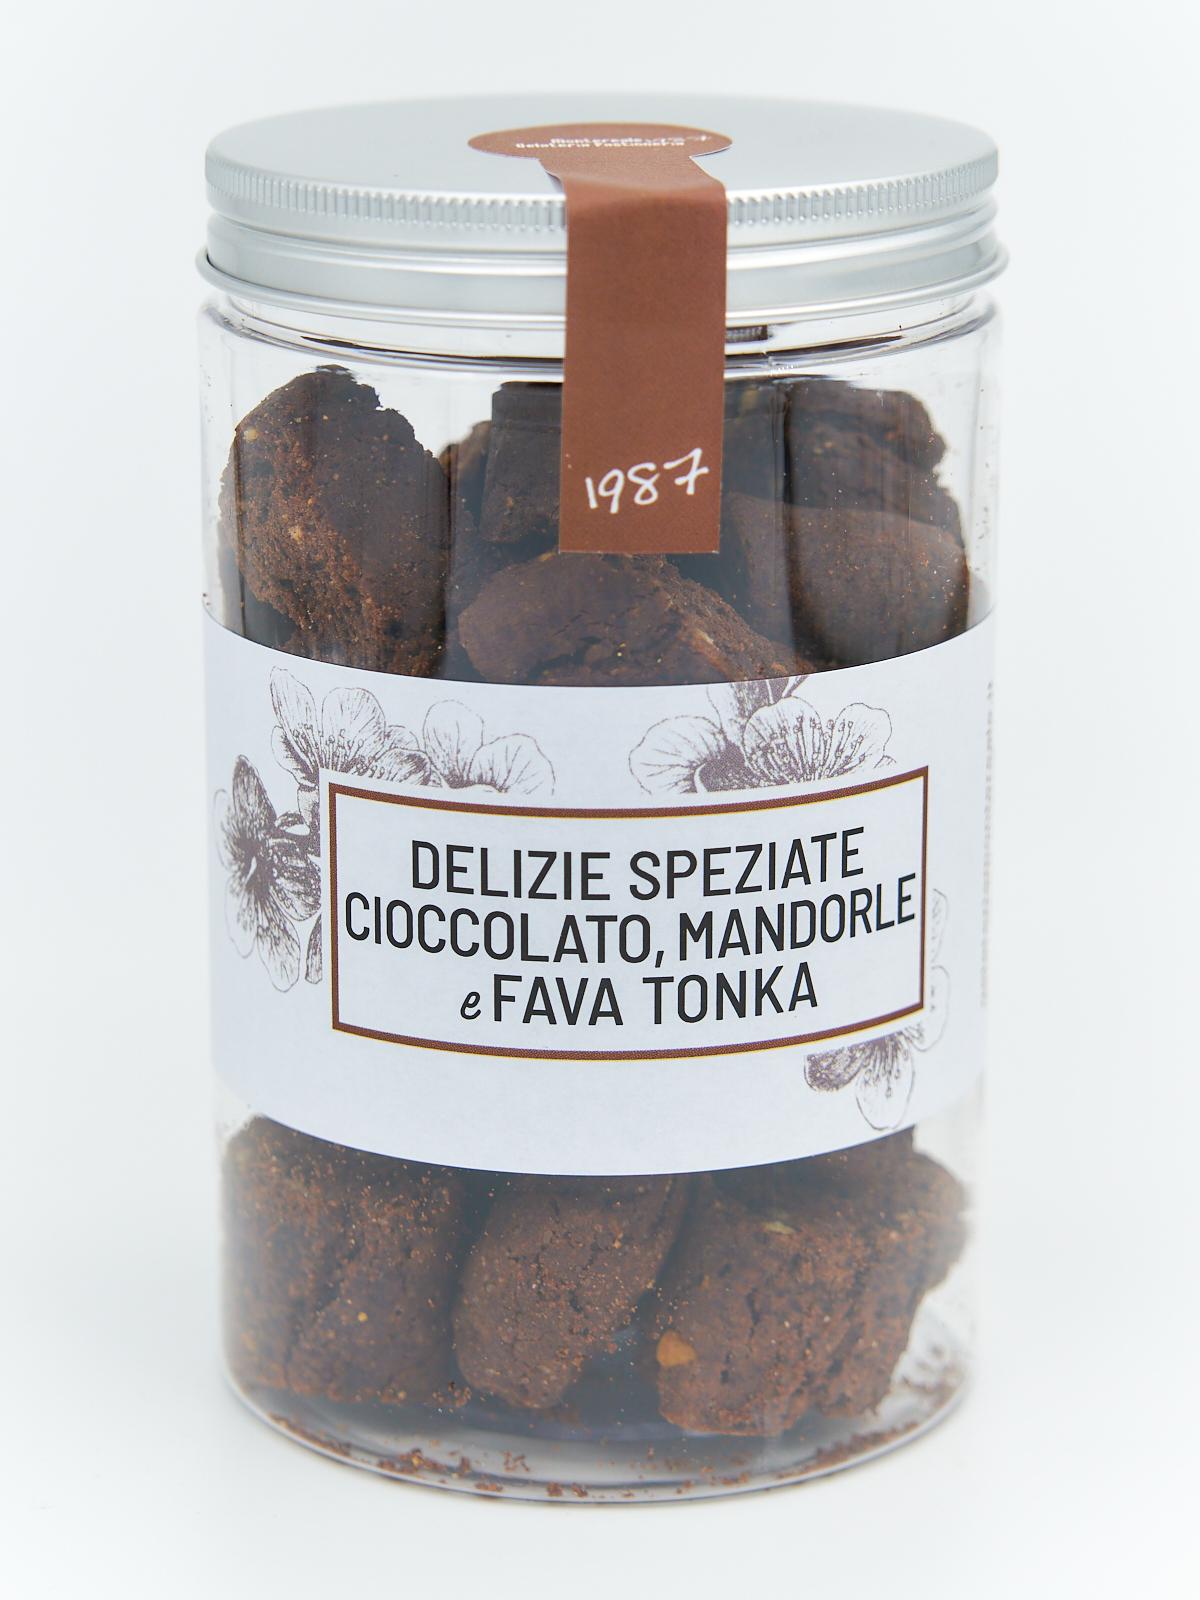 Delizie Speziate Cioccolato, Mandorle e Fava Tonka